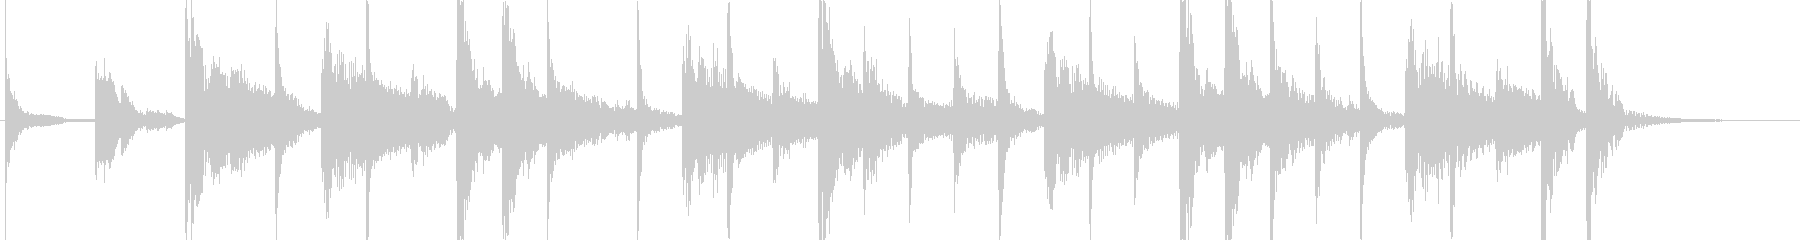 ラテンなジングル ♩=120の未再生の波形